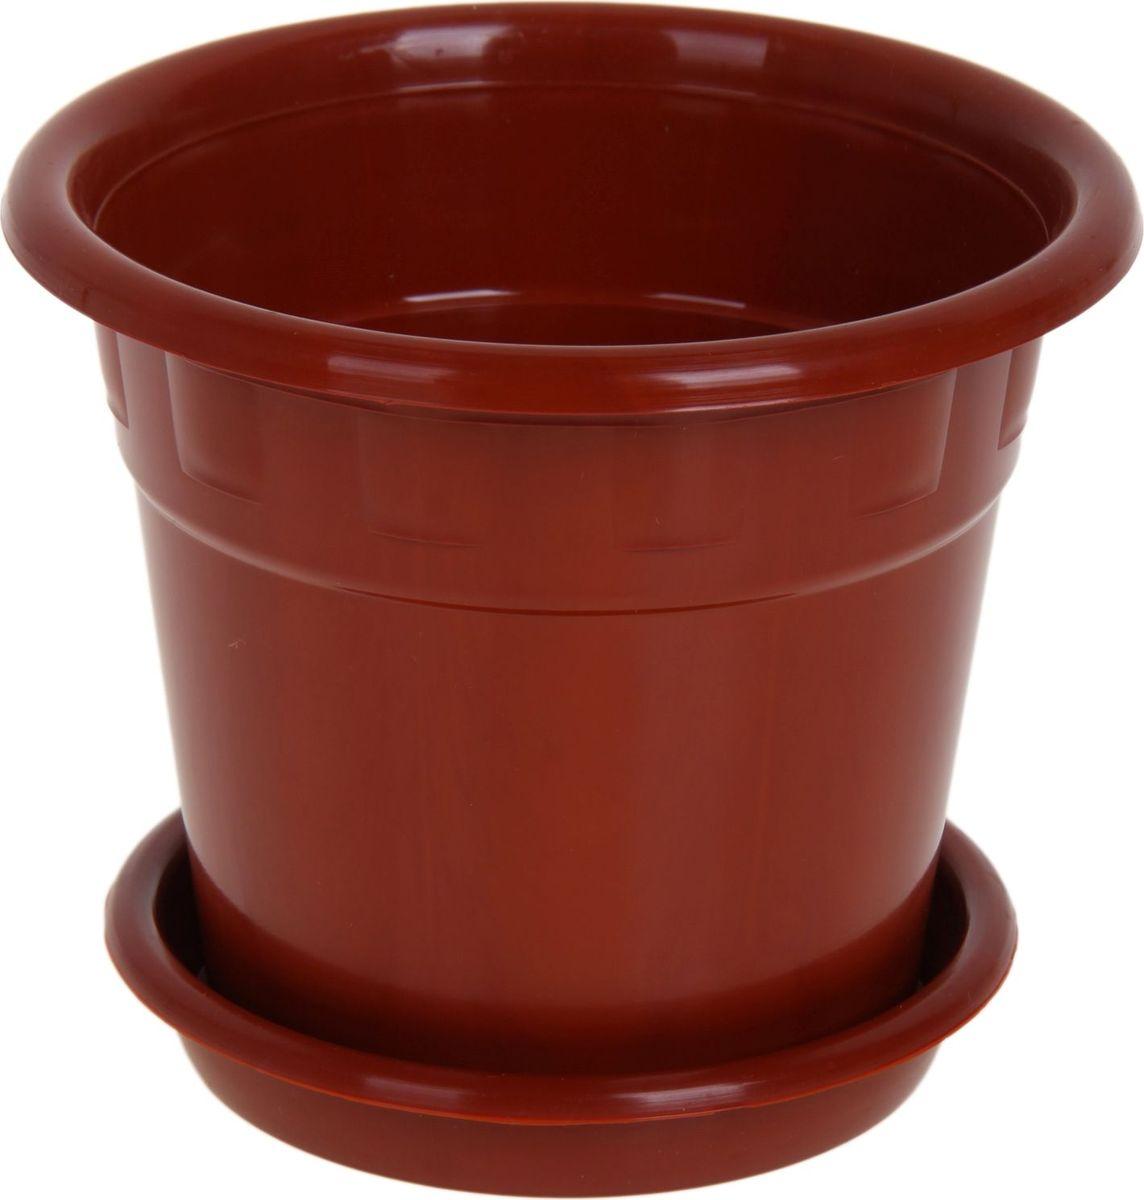 Горшок для цветов Пластик, с поддоном, цвет: коричневый, 4 л531-105Любой, даже самый современный и продуманный интерьер будет не завершённым без растений. Они не только очищают воздух и насыщают его кислородом, но и заметно украшают окружающее пространство. Такому полезному члену семьи просто необходимо красивое и функциональное кашпо, оригинальный горшок или необычная ваза! Мы предлагаем - Горшок для цветов с поддоном 4 л, цвет коричневый! Оптимальный выбор материала пластмасса! Почему мы так считаем? -Малый вес. С лёгкостью переносите горшки и кашпо с места на место, ставьте их на столики или полки, подвешивайте под потолок, не беспокоясь о нагрузке. -Простота ухода. Пластиковые изделия не нуждаются в специальных условиях хранения. Их легко чистить достаточно просто сполоснуть тёплой водой. -Никаких царапин. Пластиковые кашпо не царапают и не загрязняют поверхности, на которых стоят. -Пластик дольше хранит влагу, а значит растение реже нуждается в поливе. -Пластмасса не пропускает воздух корневой системе растения не грозят резкие перепады температур. -Огромный выбор форм, декора и расцветок вы без труда подберёте что-то, что идеально впишется в уже существующий интерьер. Соблюдая нехитрые правила ухода, вы можете заметно продлить срок службы горшков, вазонов и кашпо из пластика: -всегда учитывайте размер кроны и корневой системы растения (при разрастании большое растение способно повредить маленький горшок)-берегите изделие от воздействия прямых солнечных лучей, чтобы кашпо и горшки не выцветали-держите кашпо и горшки из пластика подальше от нагревающихся поверхностей. Создавайте прекрасные цветочные композиции, выращивайте рассаду или необычные растения, а низкие цены позволят вам не ограничивать себя в выборе.